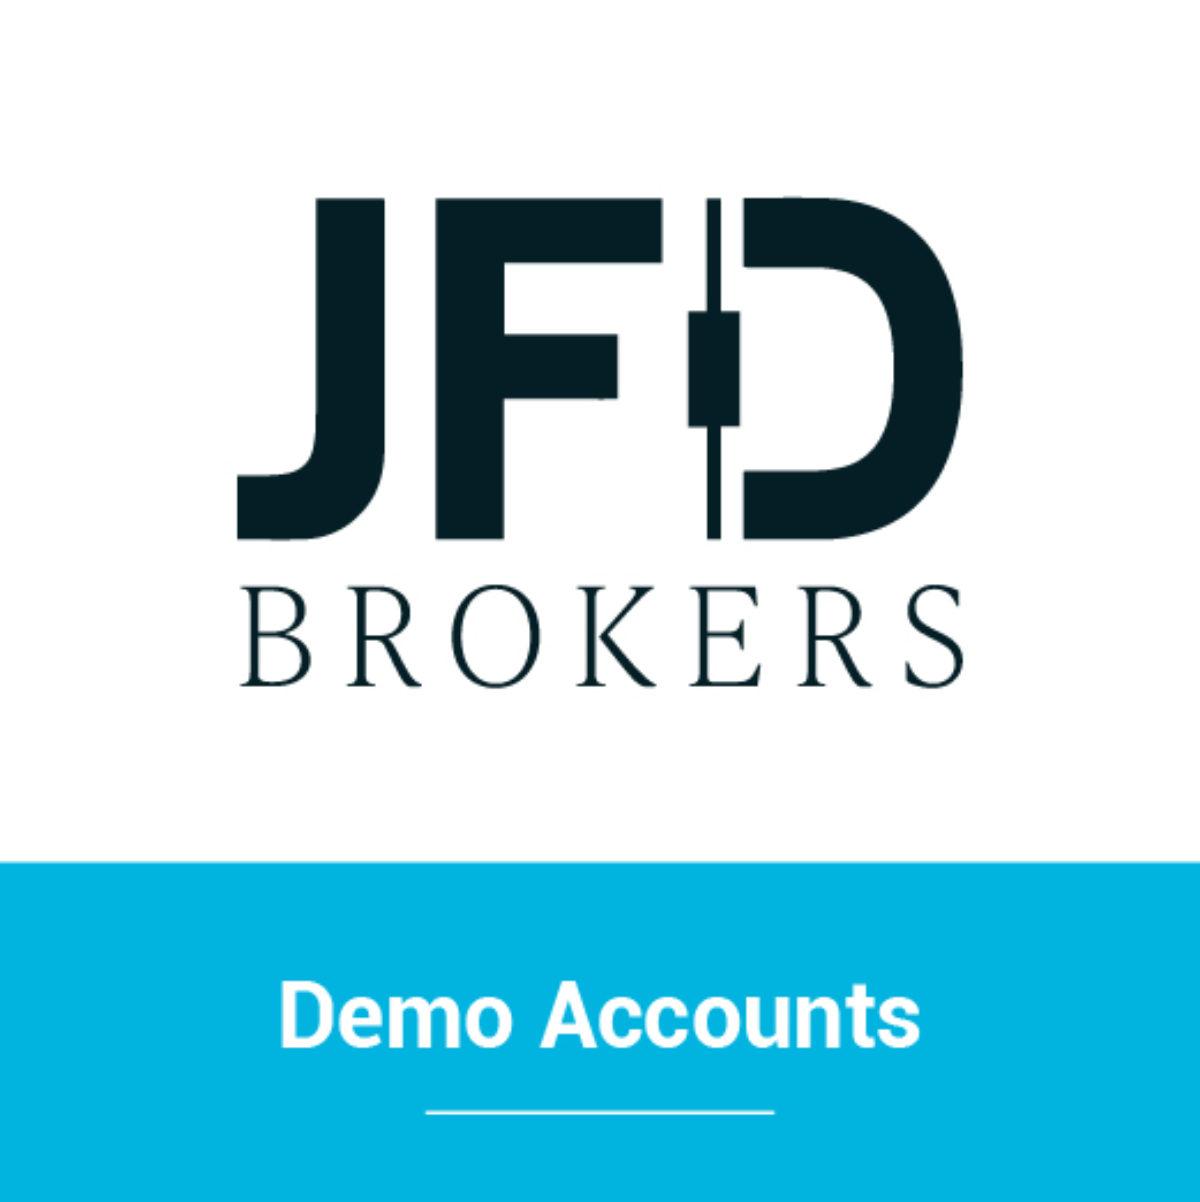 Broker opton atsiliepimų forumas - Dvejetainių opcionų brokerių atsiliepimai